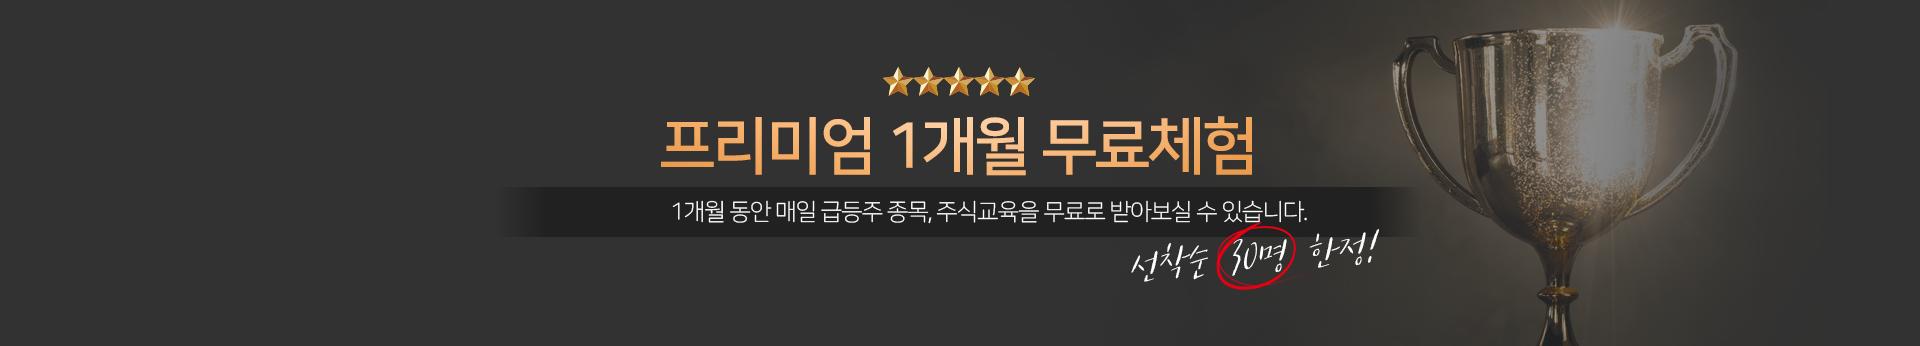 무료체험 배너(최종).png